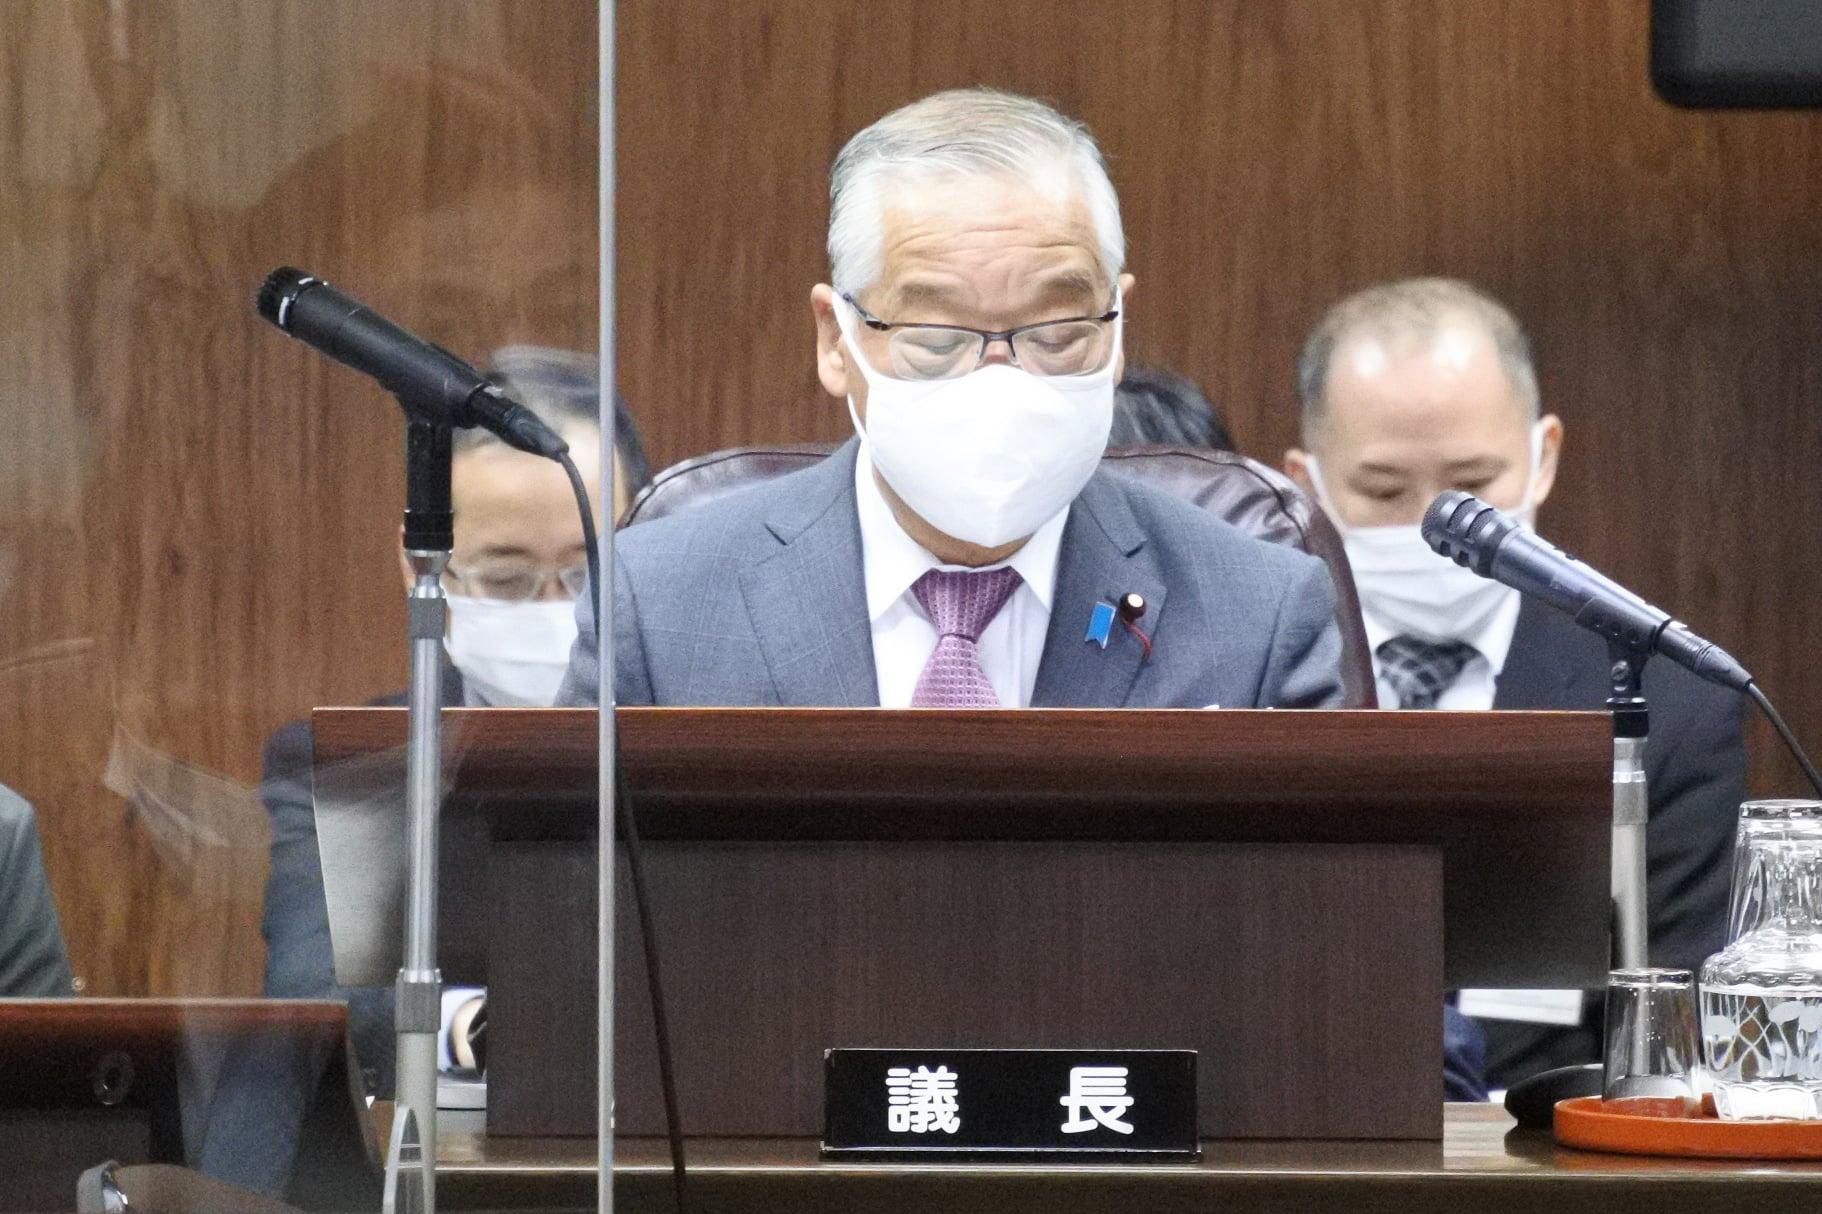 仙台市議会の臨時議会